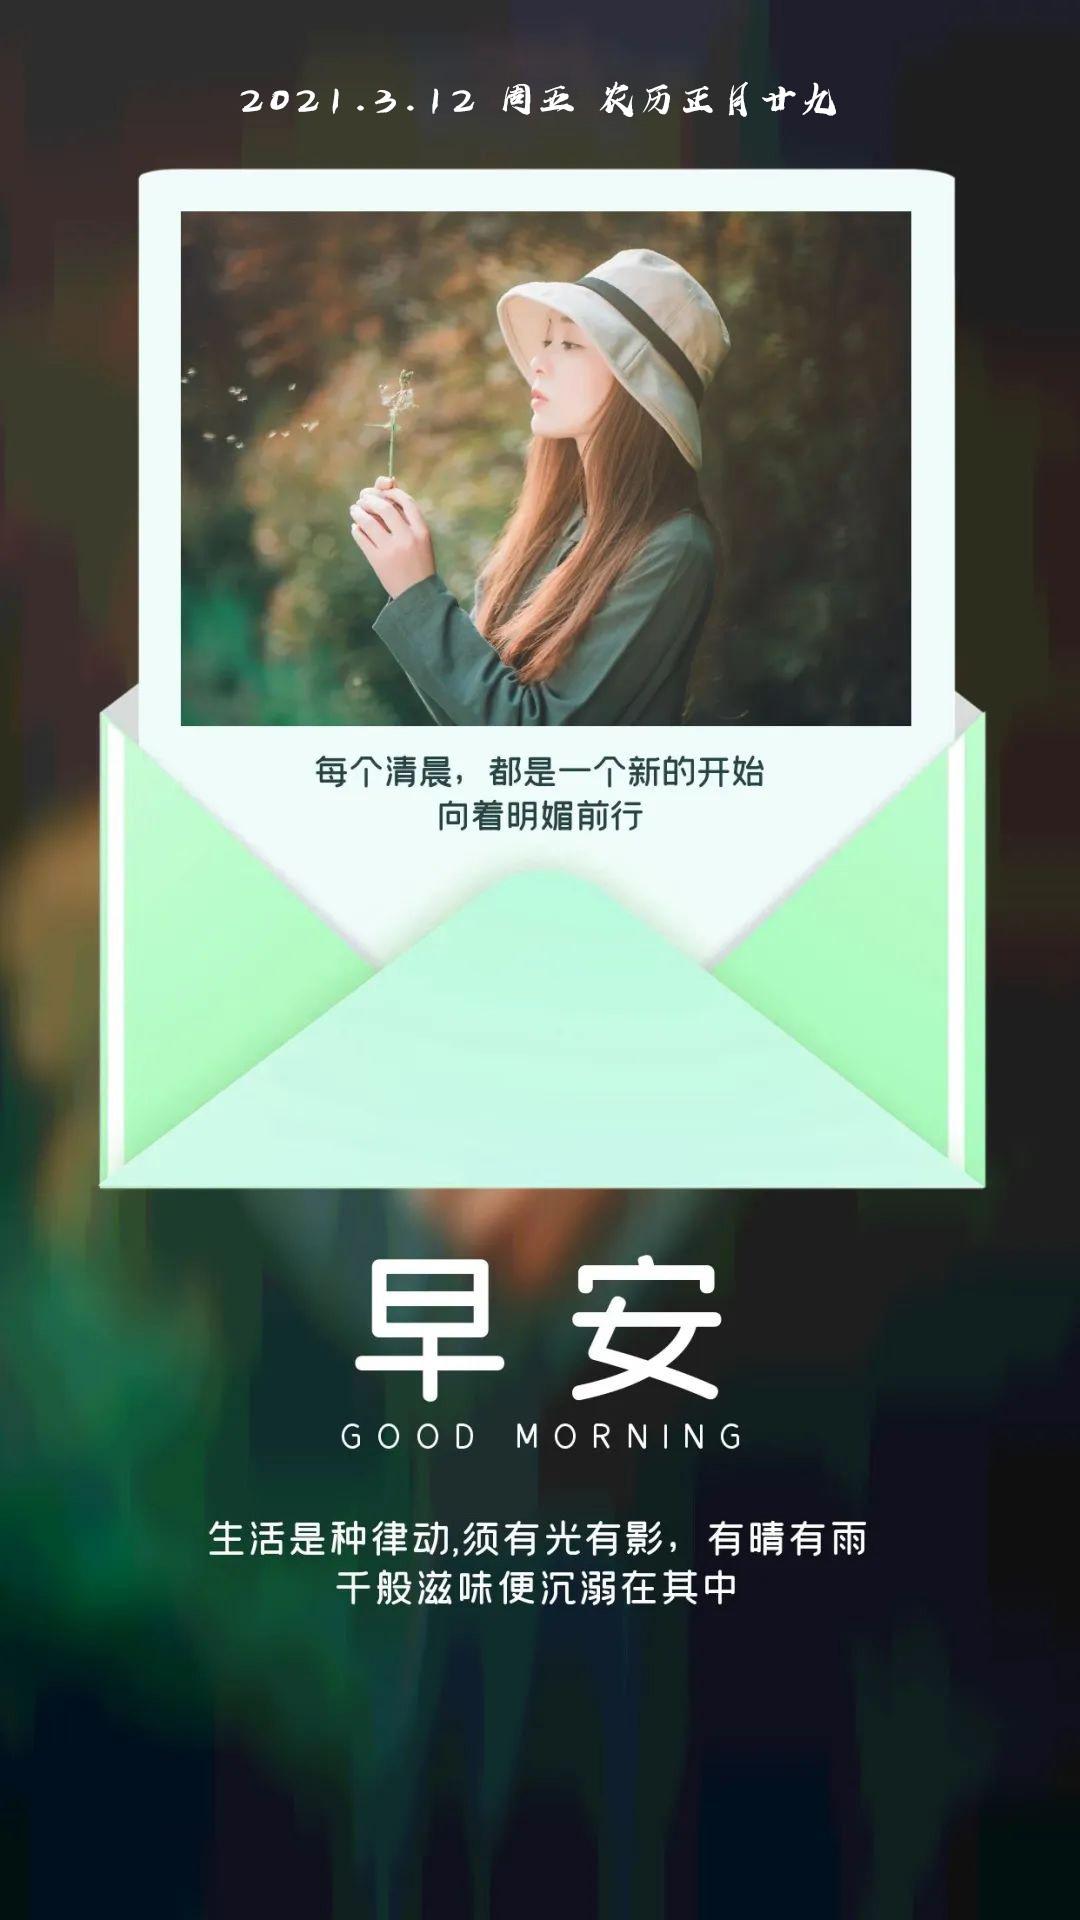 早安语录正能量图片,每个清晨,向着明媚前行